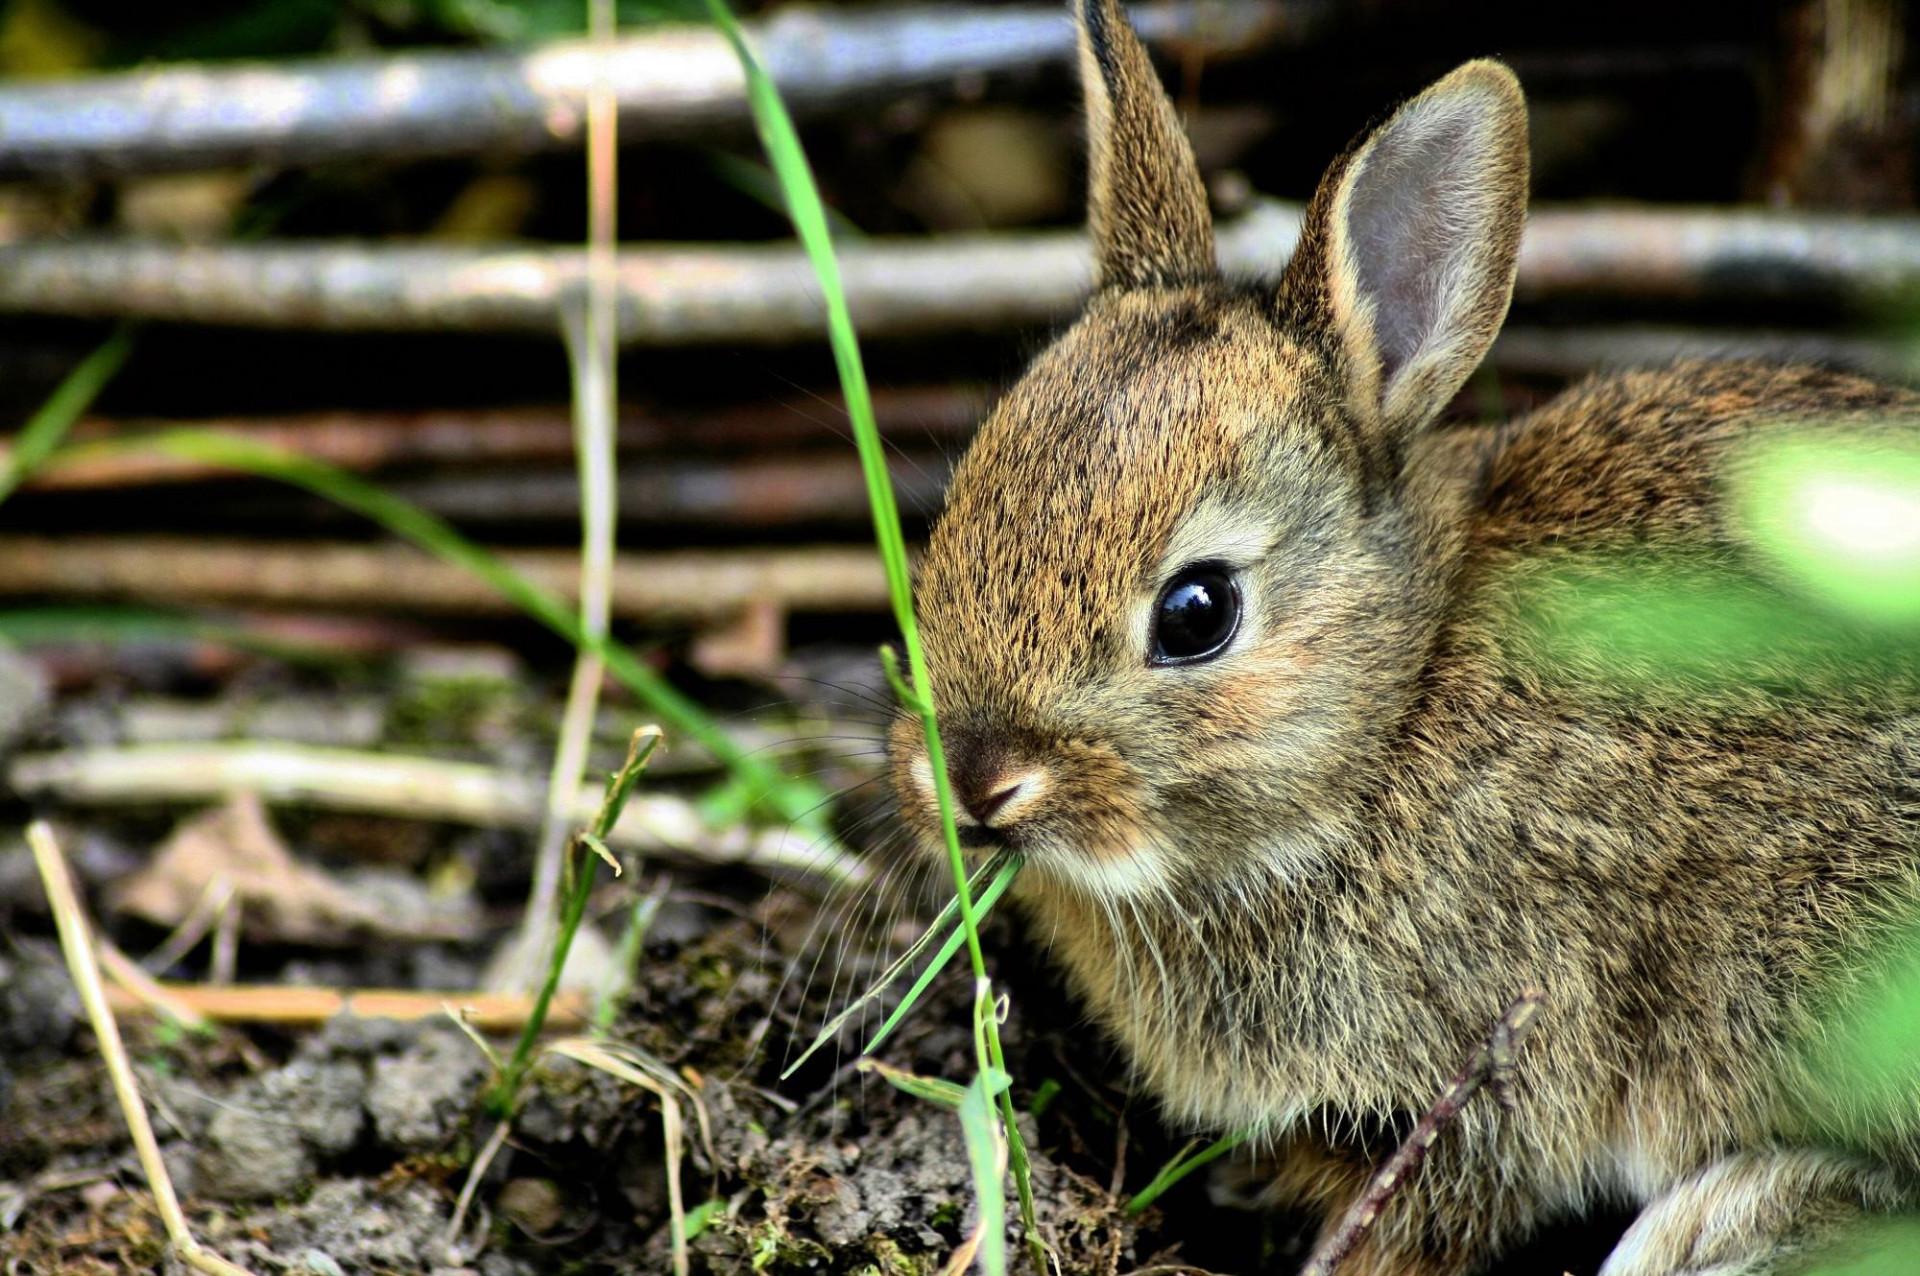 кролик трава  № 1964065 загрузить